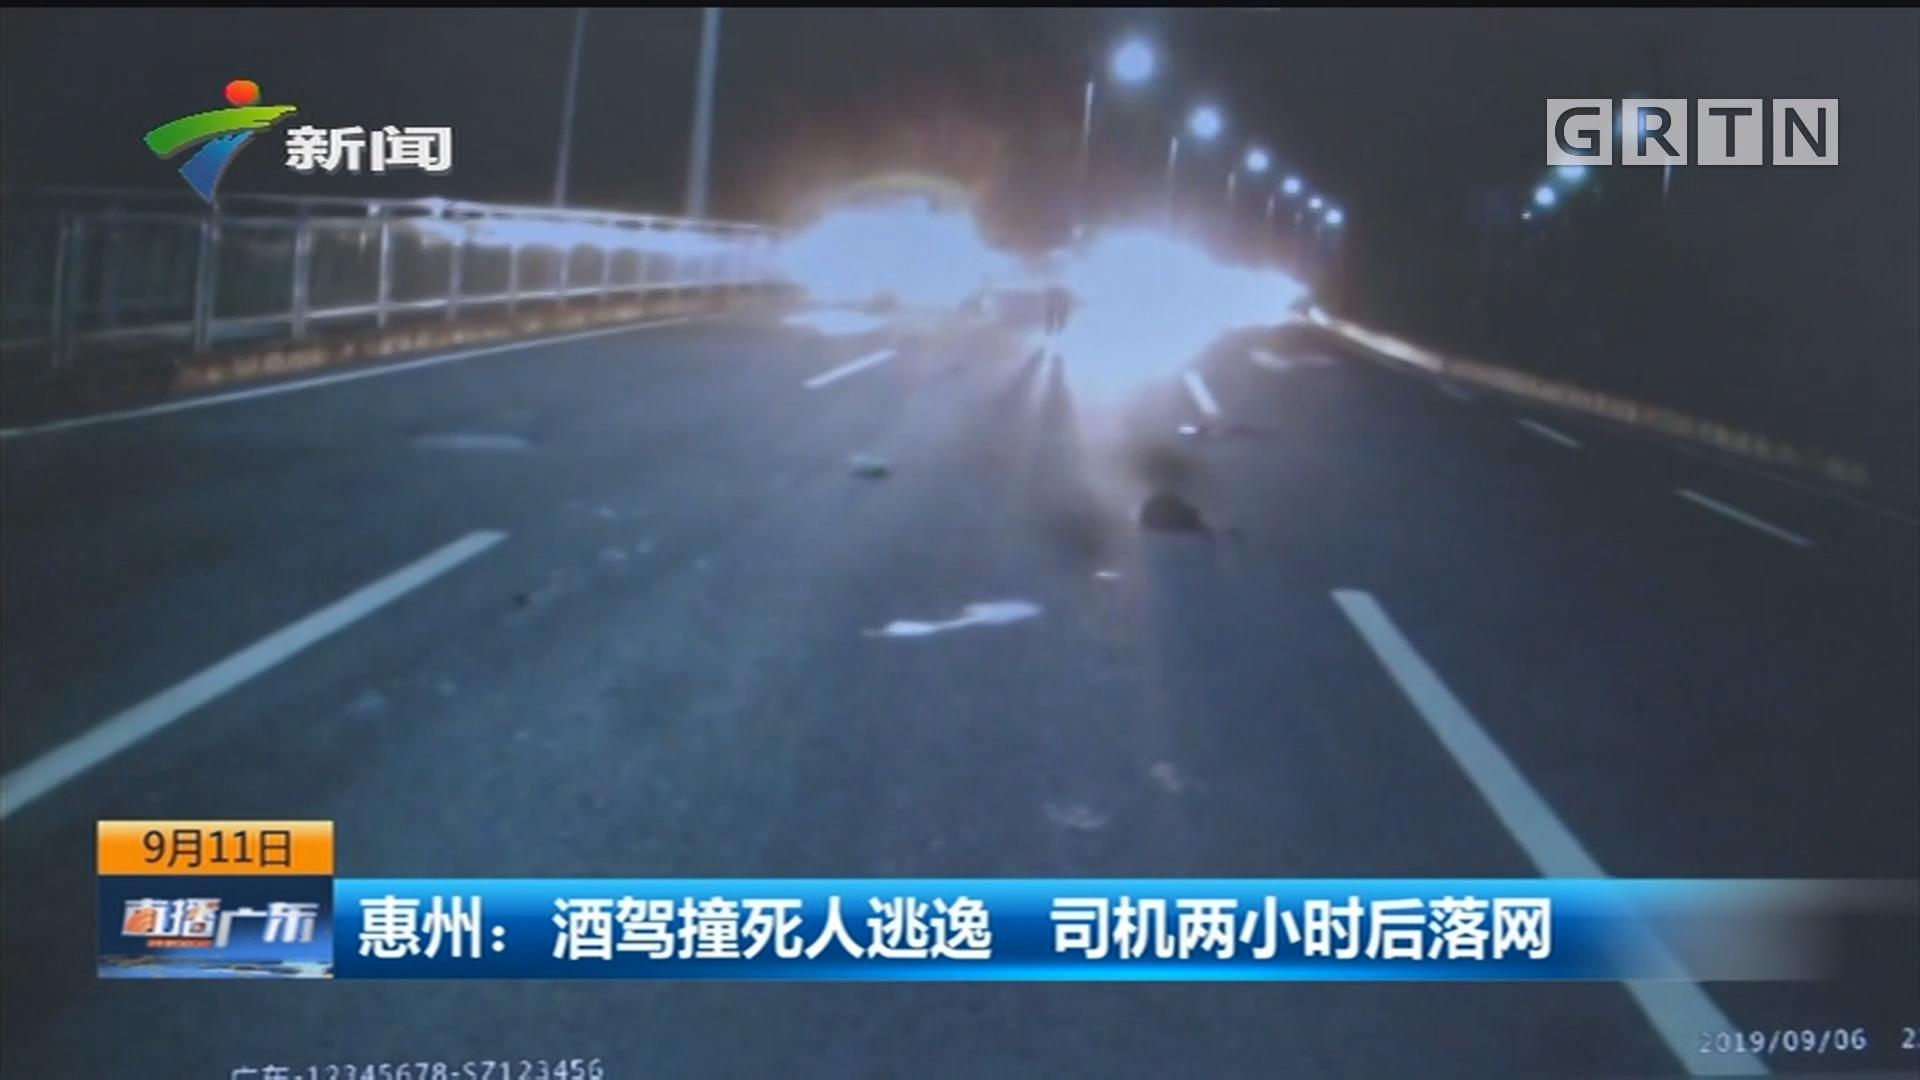 惠州:酒驾撞死人逃逸 司机两小时后落网